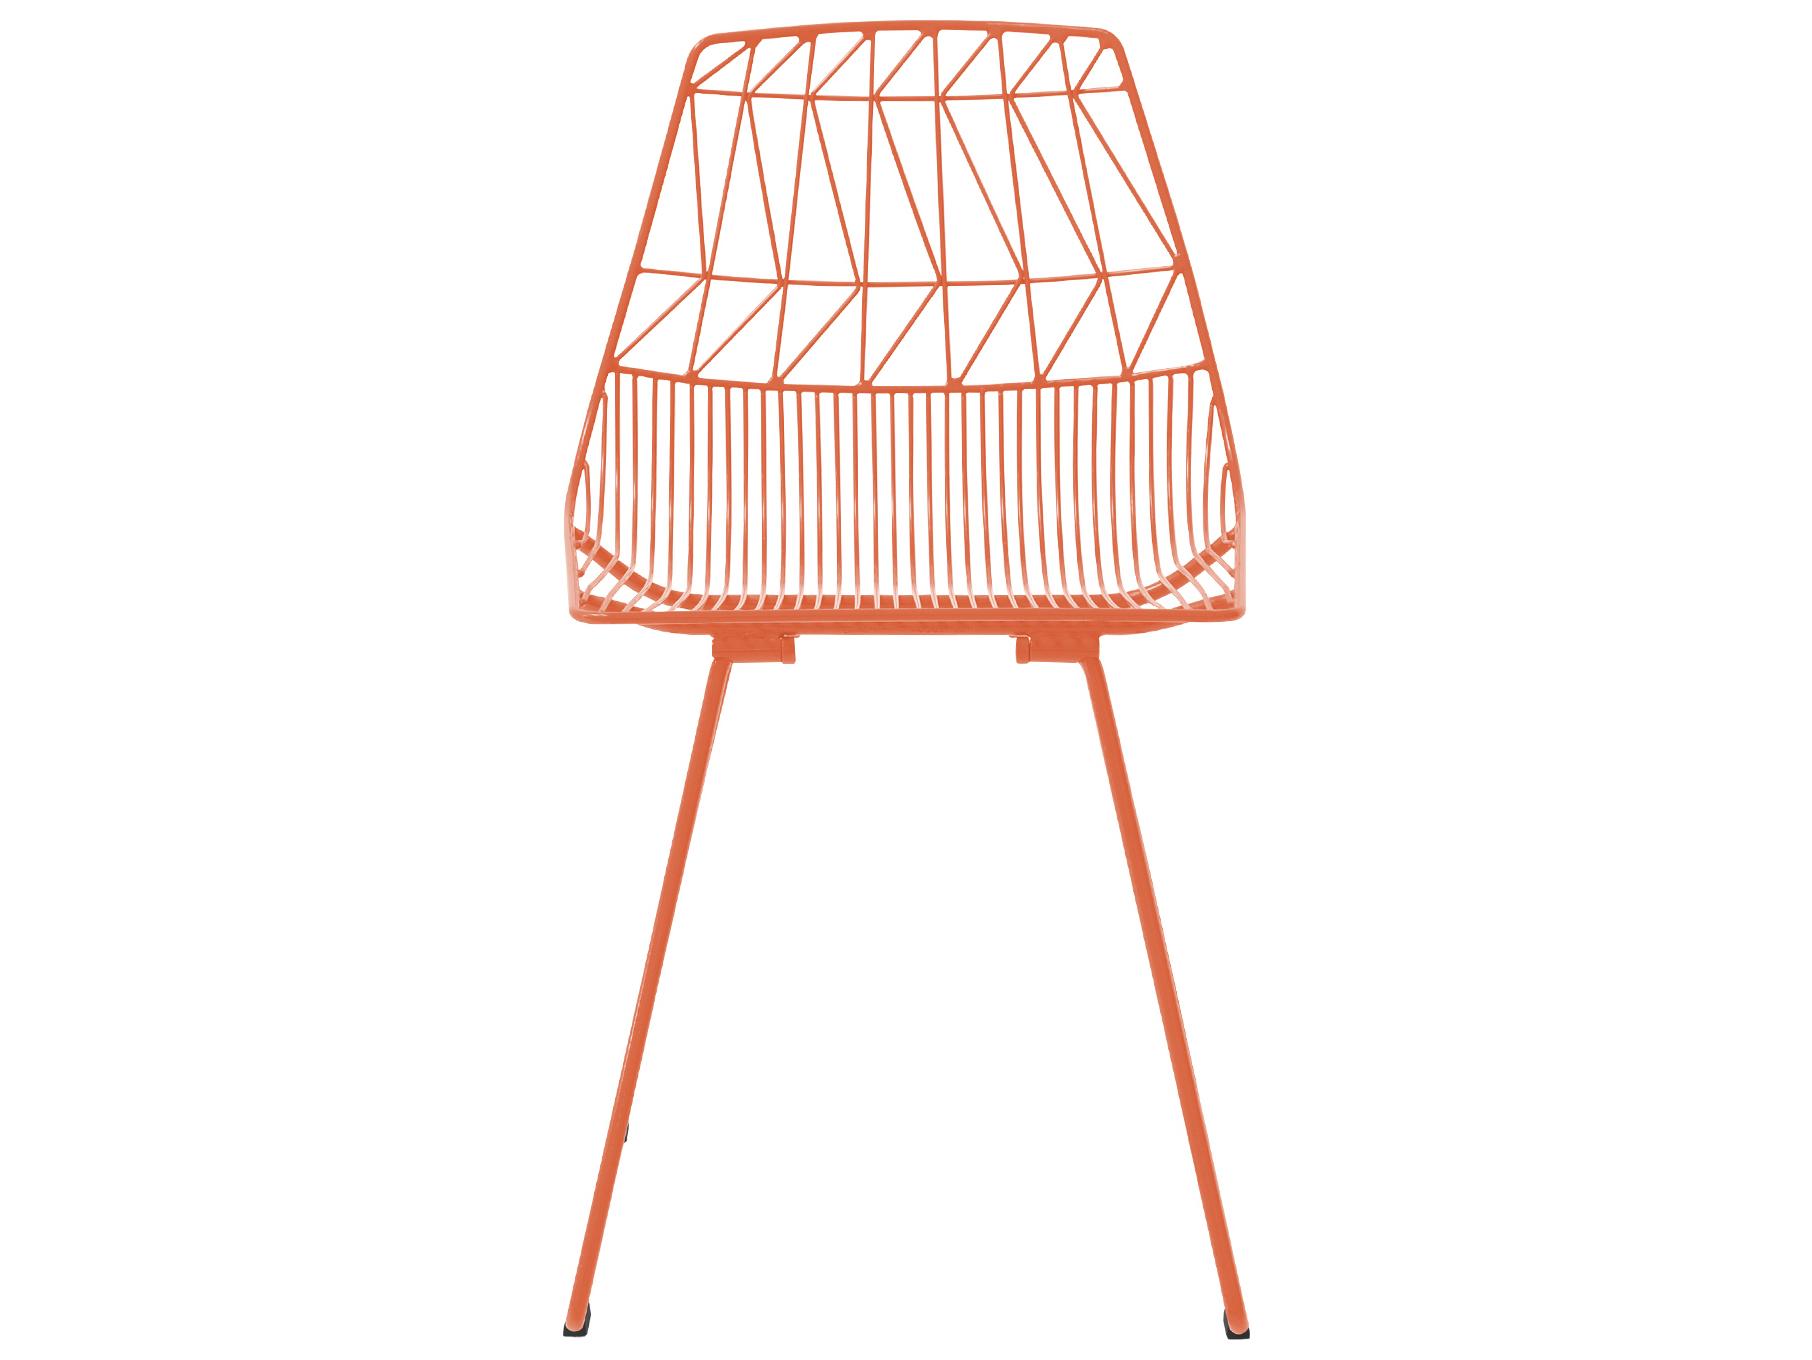 Bend Goods Outdoor Lucy Orange Metal Dining Chair Sold In 2 Boolucyor